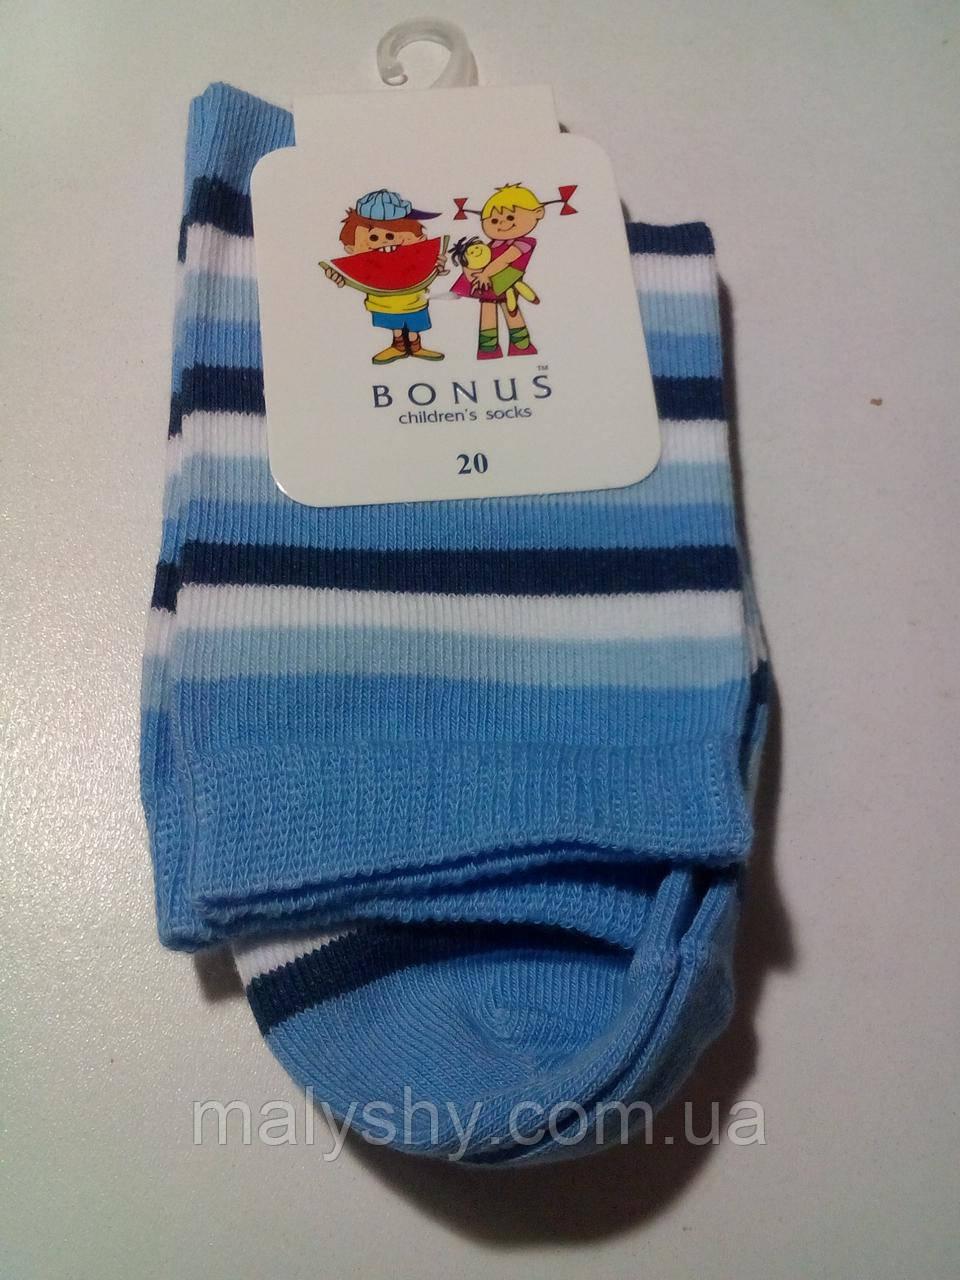 Детские носки демисезонные - BONUS (от ТМ Дюна) р.20 (шкарпетки дитячі) 2 2005 415 20 голубой